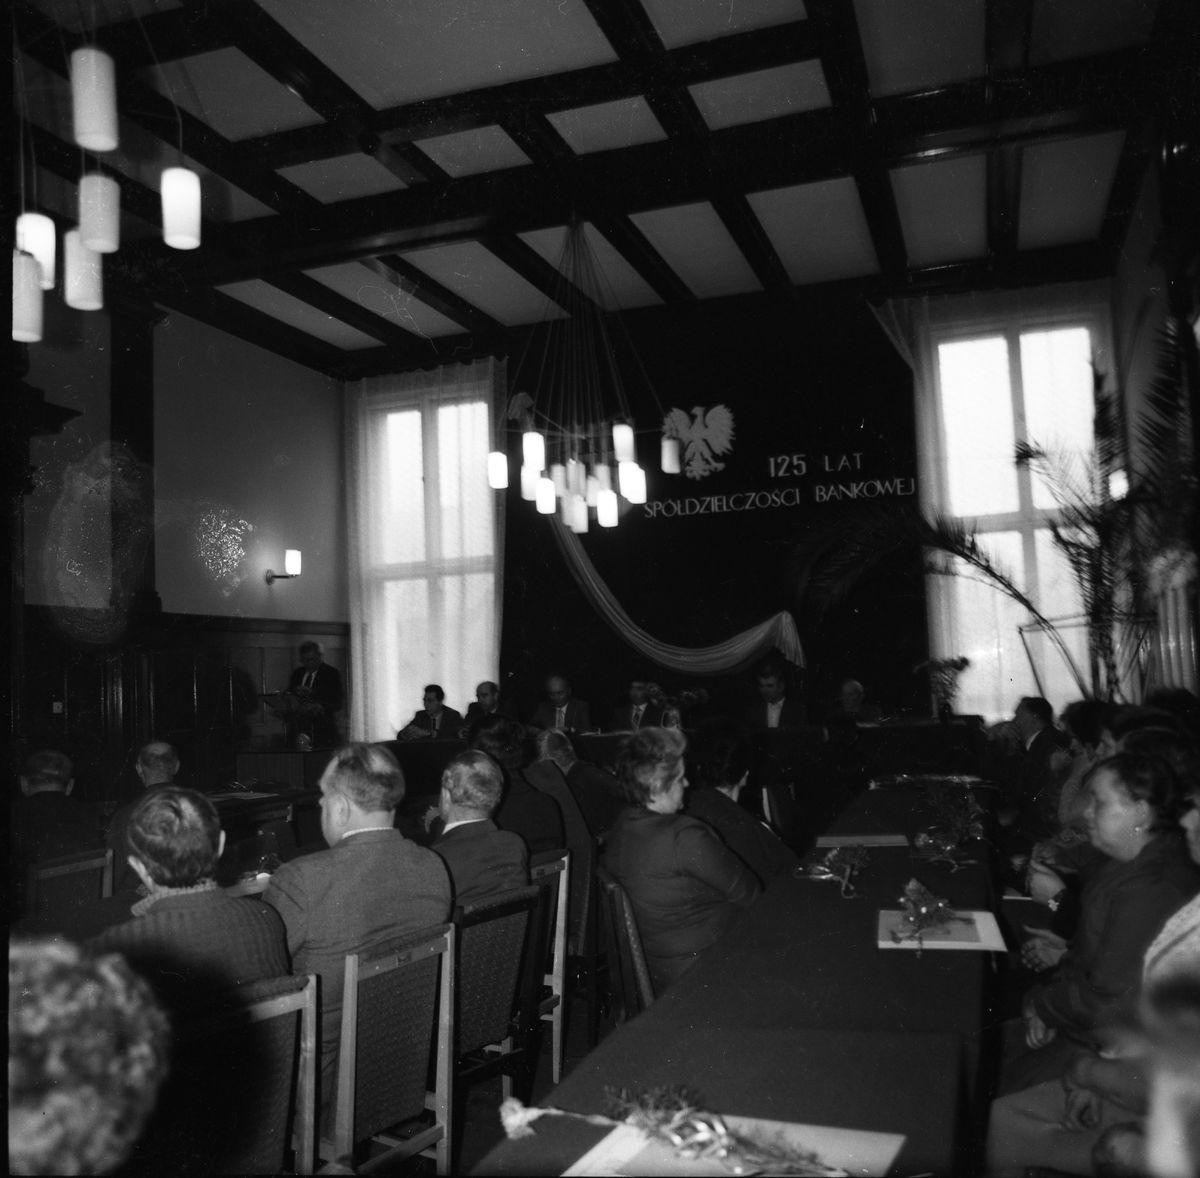 125-lecie spółdzielczości bankowej [5]